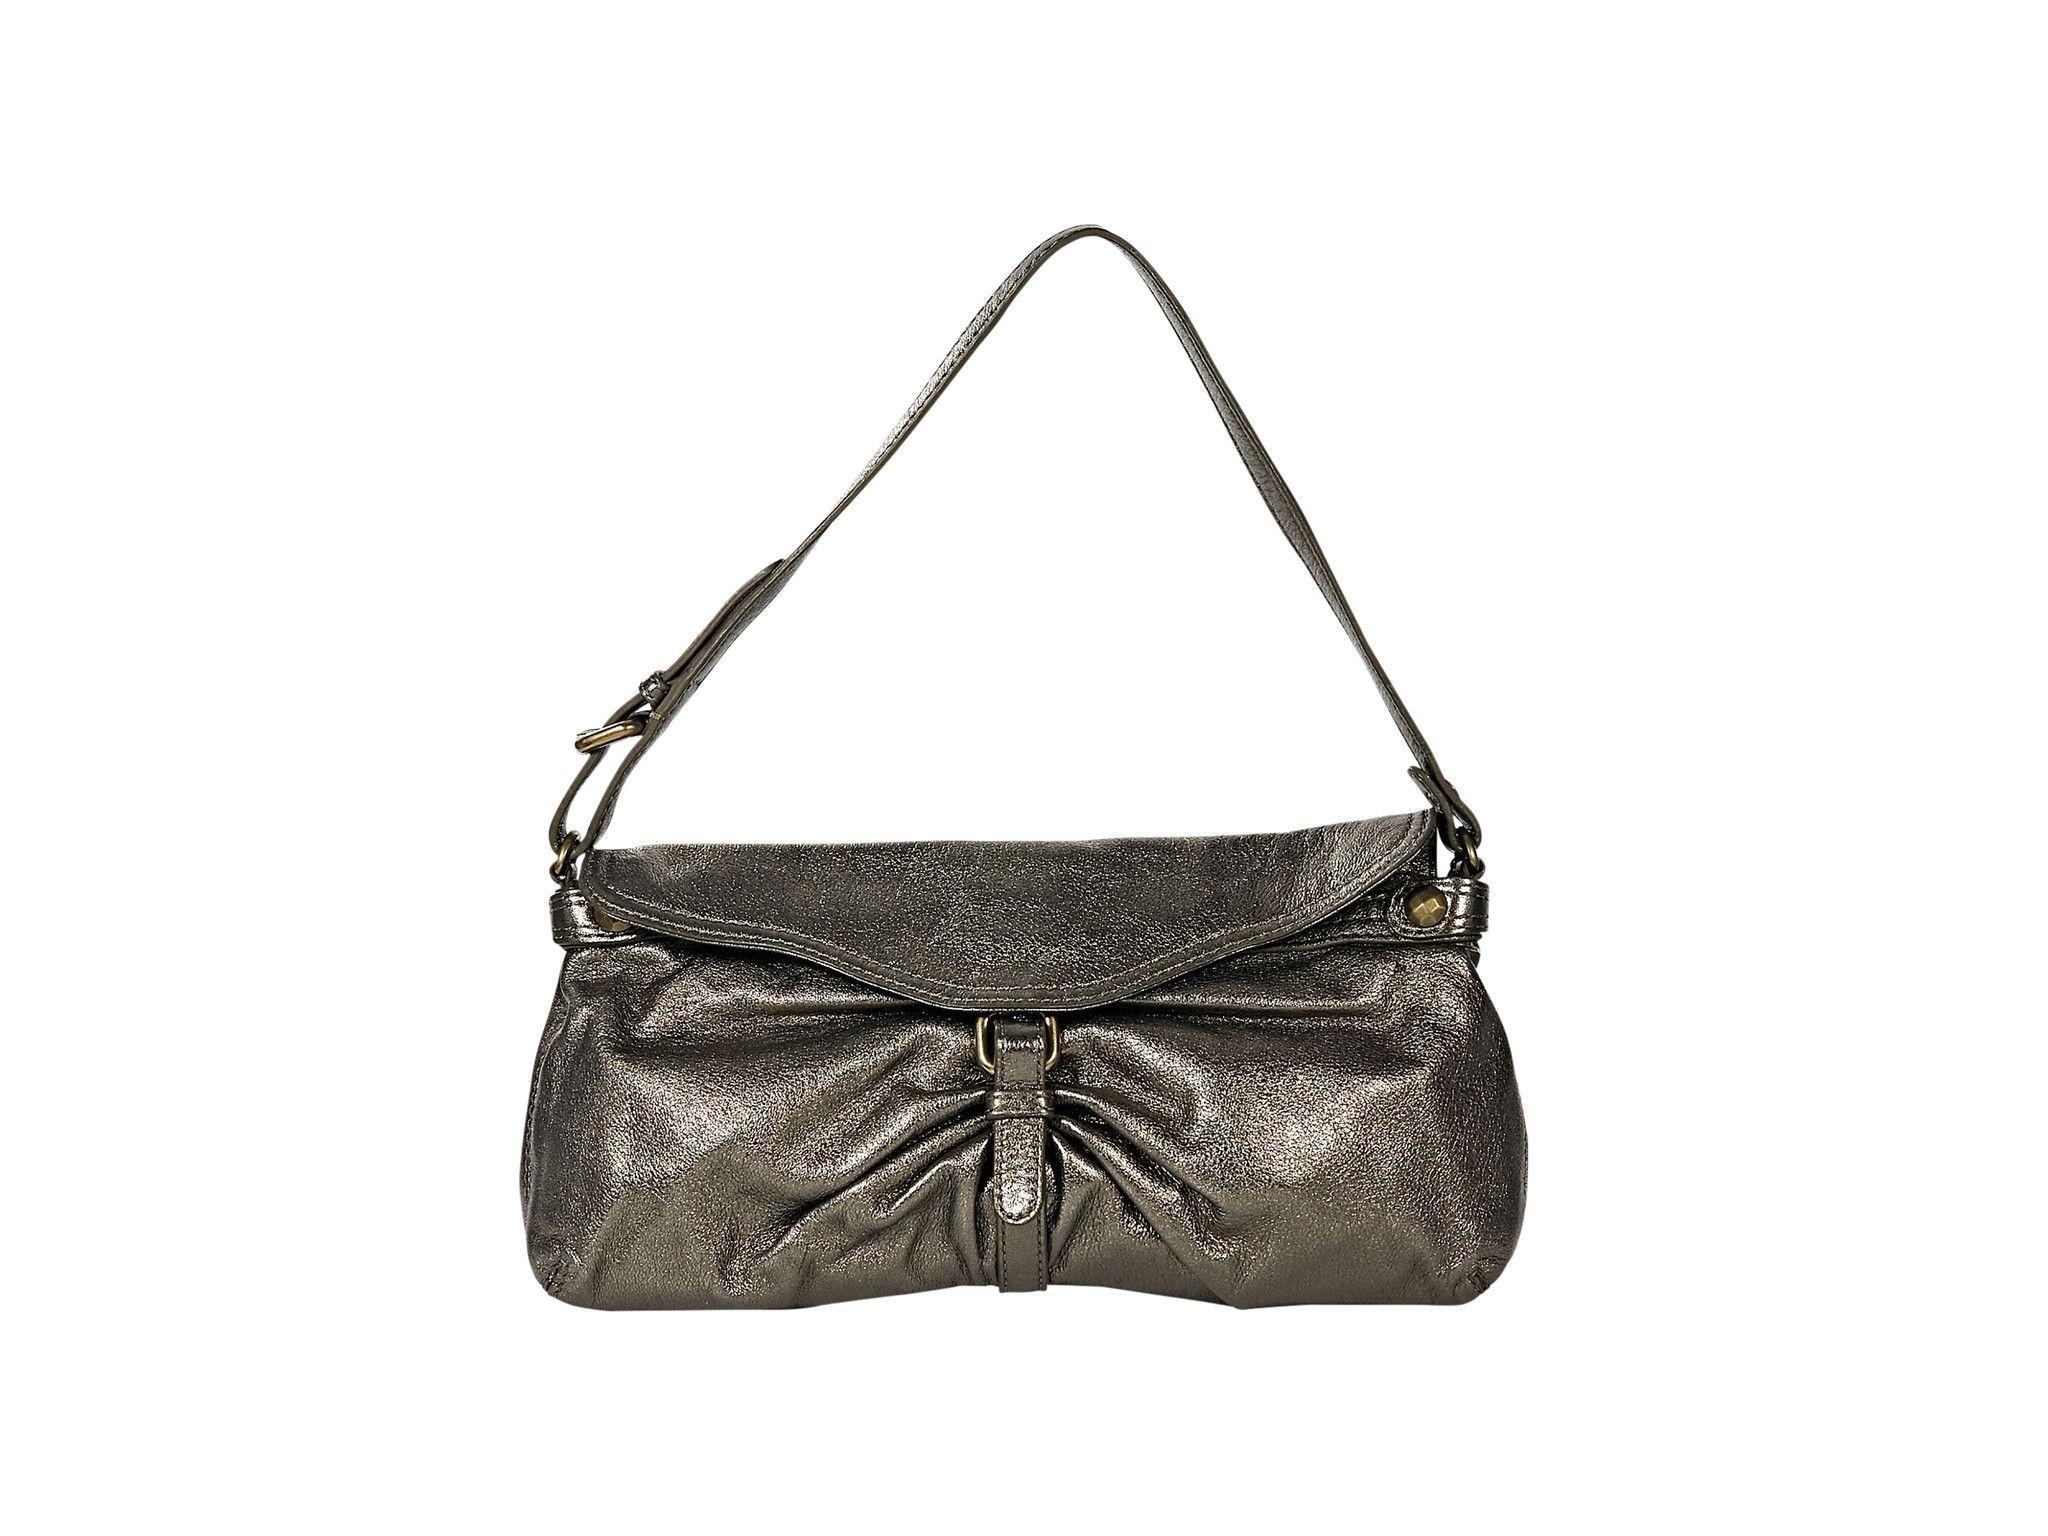 Bronze Kooba Leather Shoulder Bag